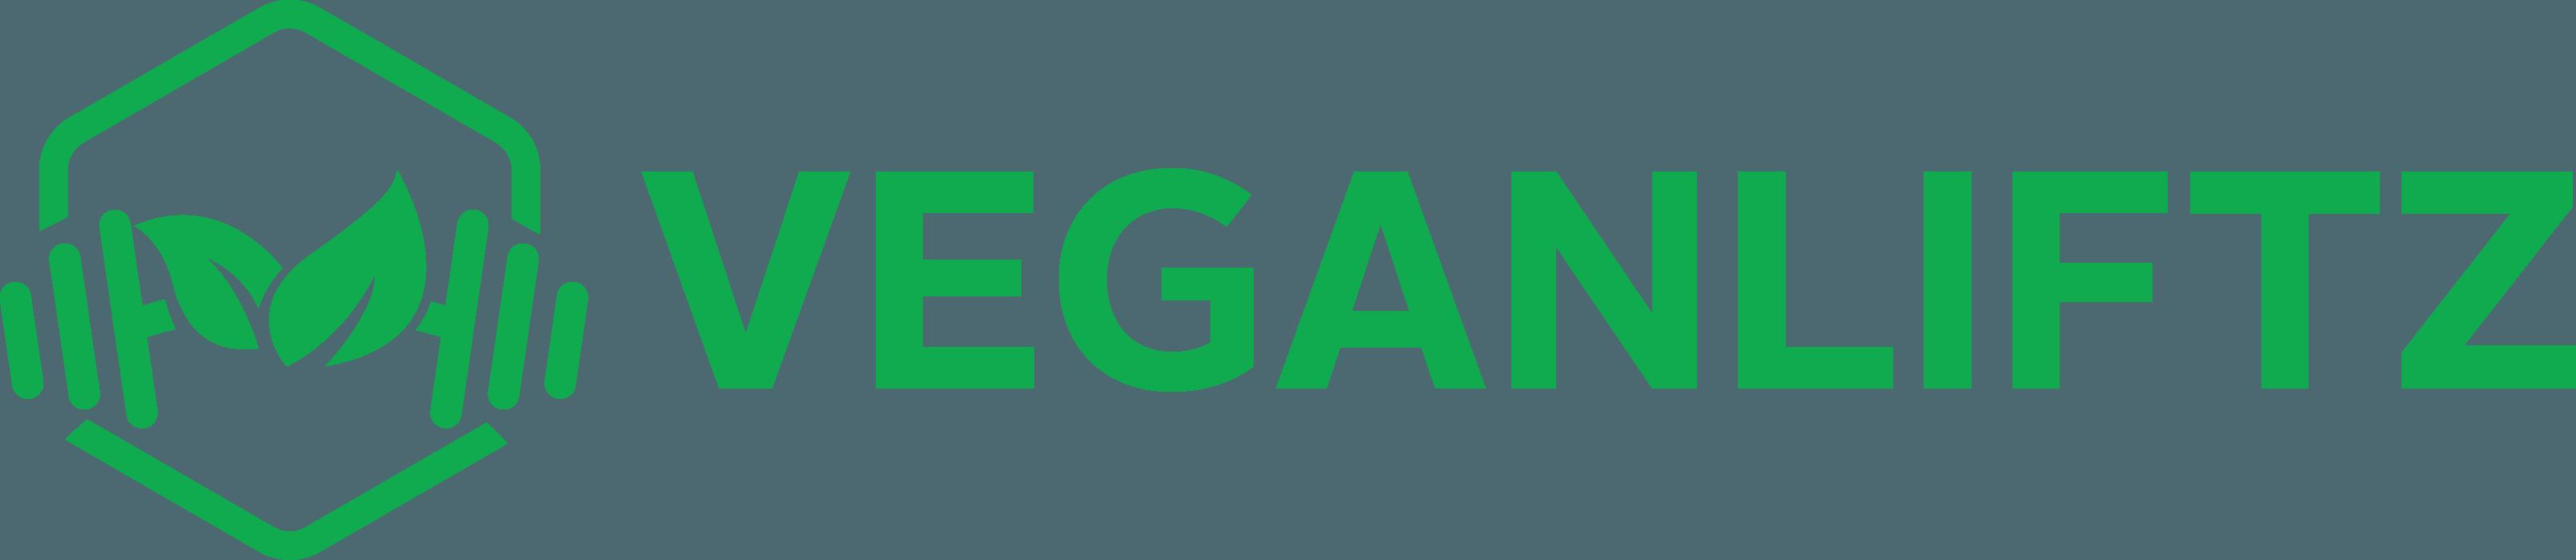 Veganliftz_Green